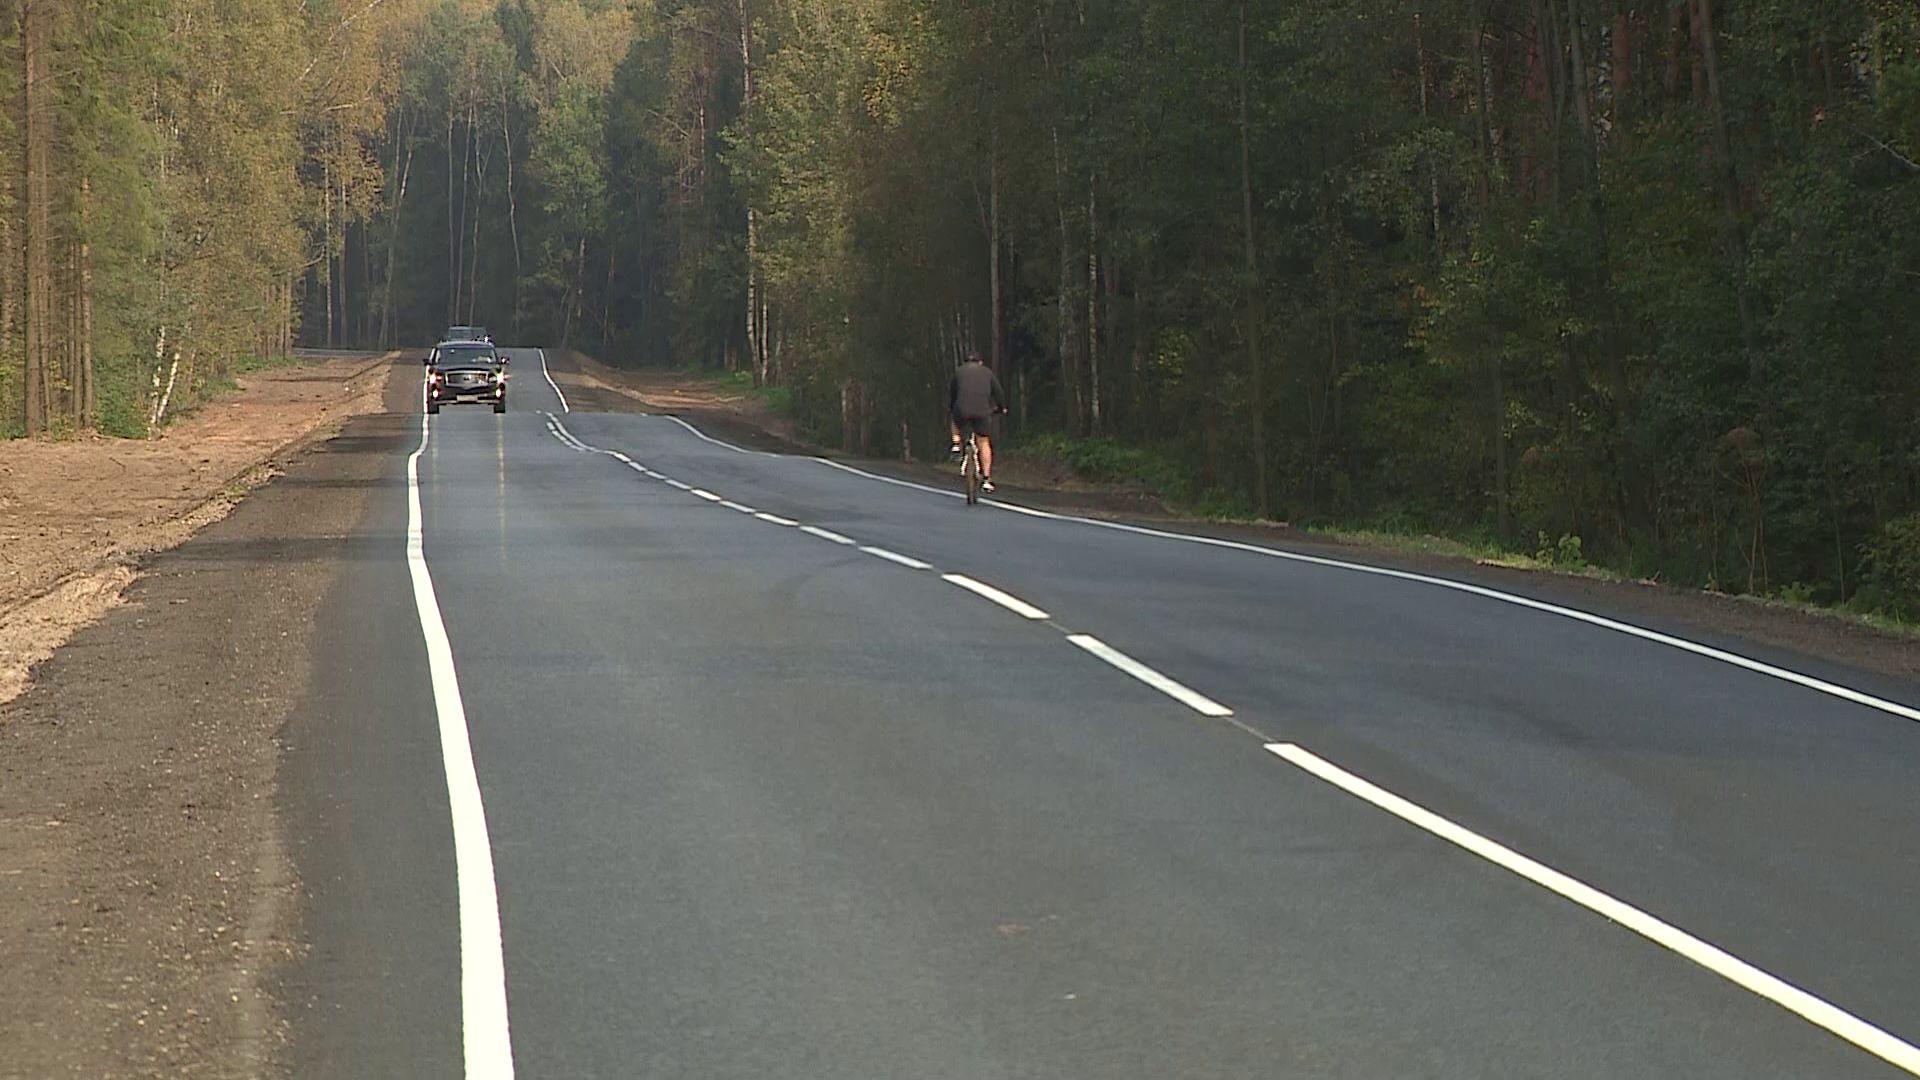 В Ярославской области закончился ремонт трассы Норское – Михайловский - Григорьевское